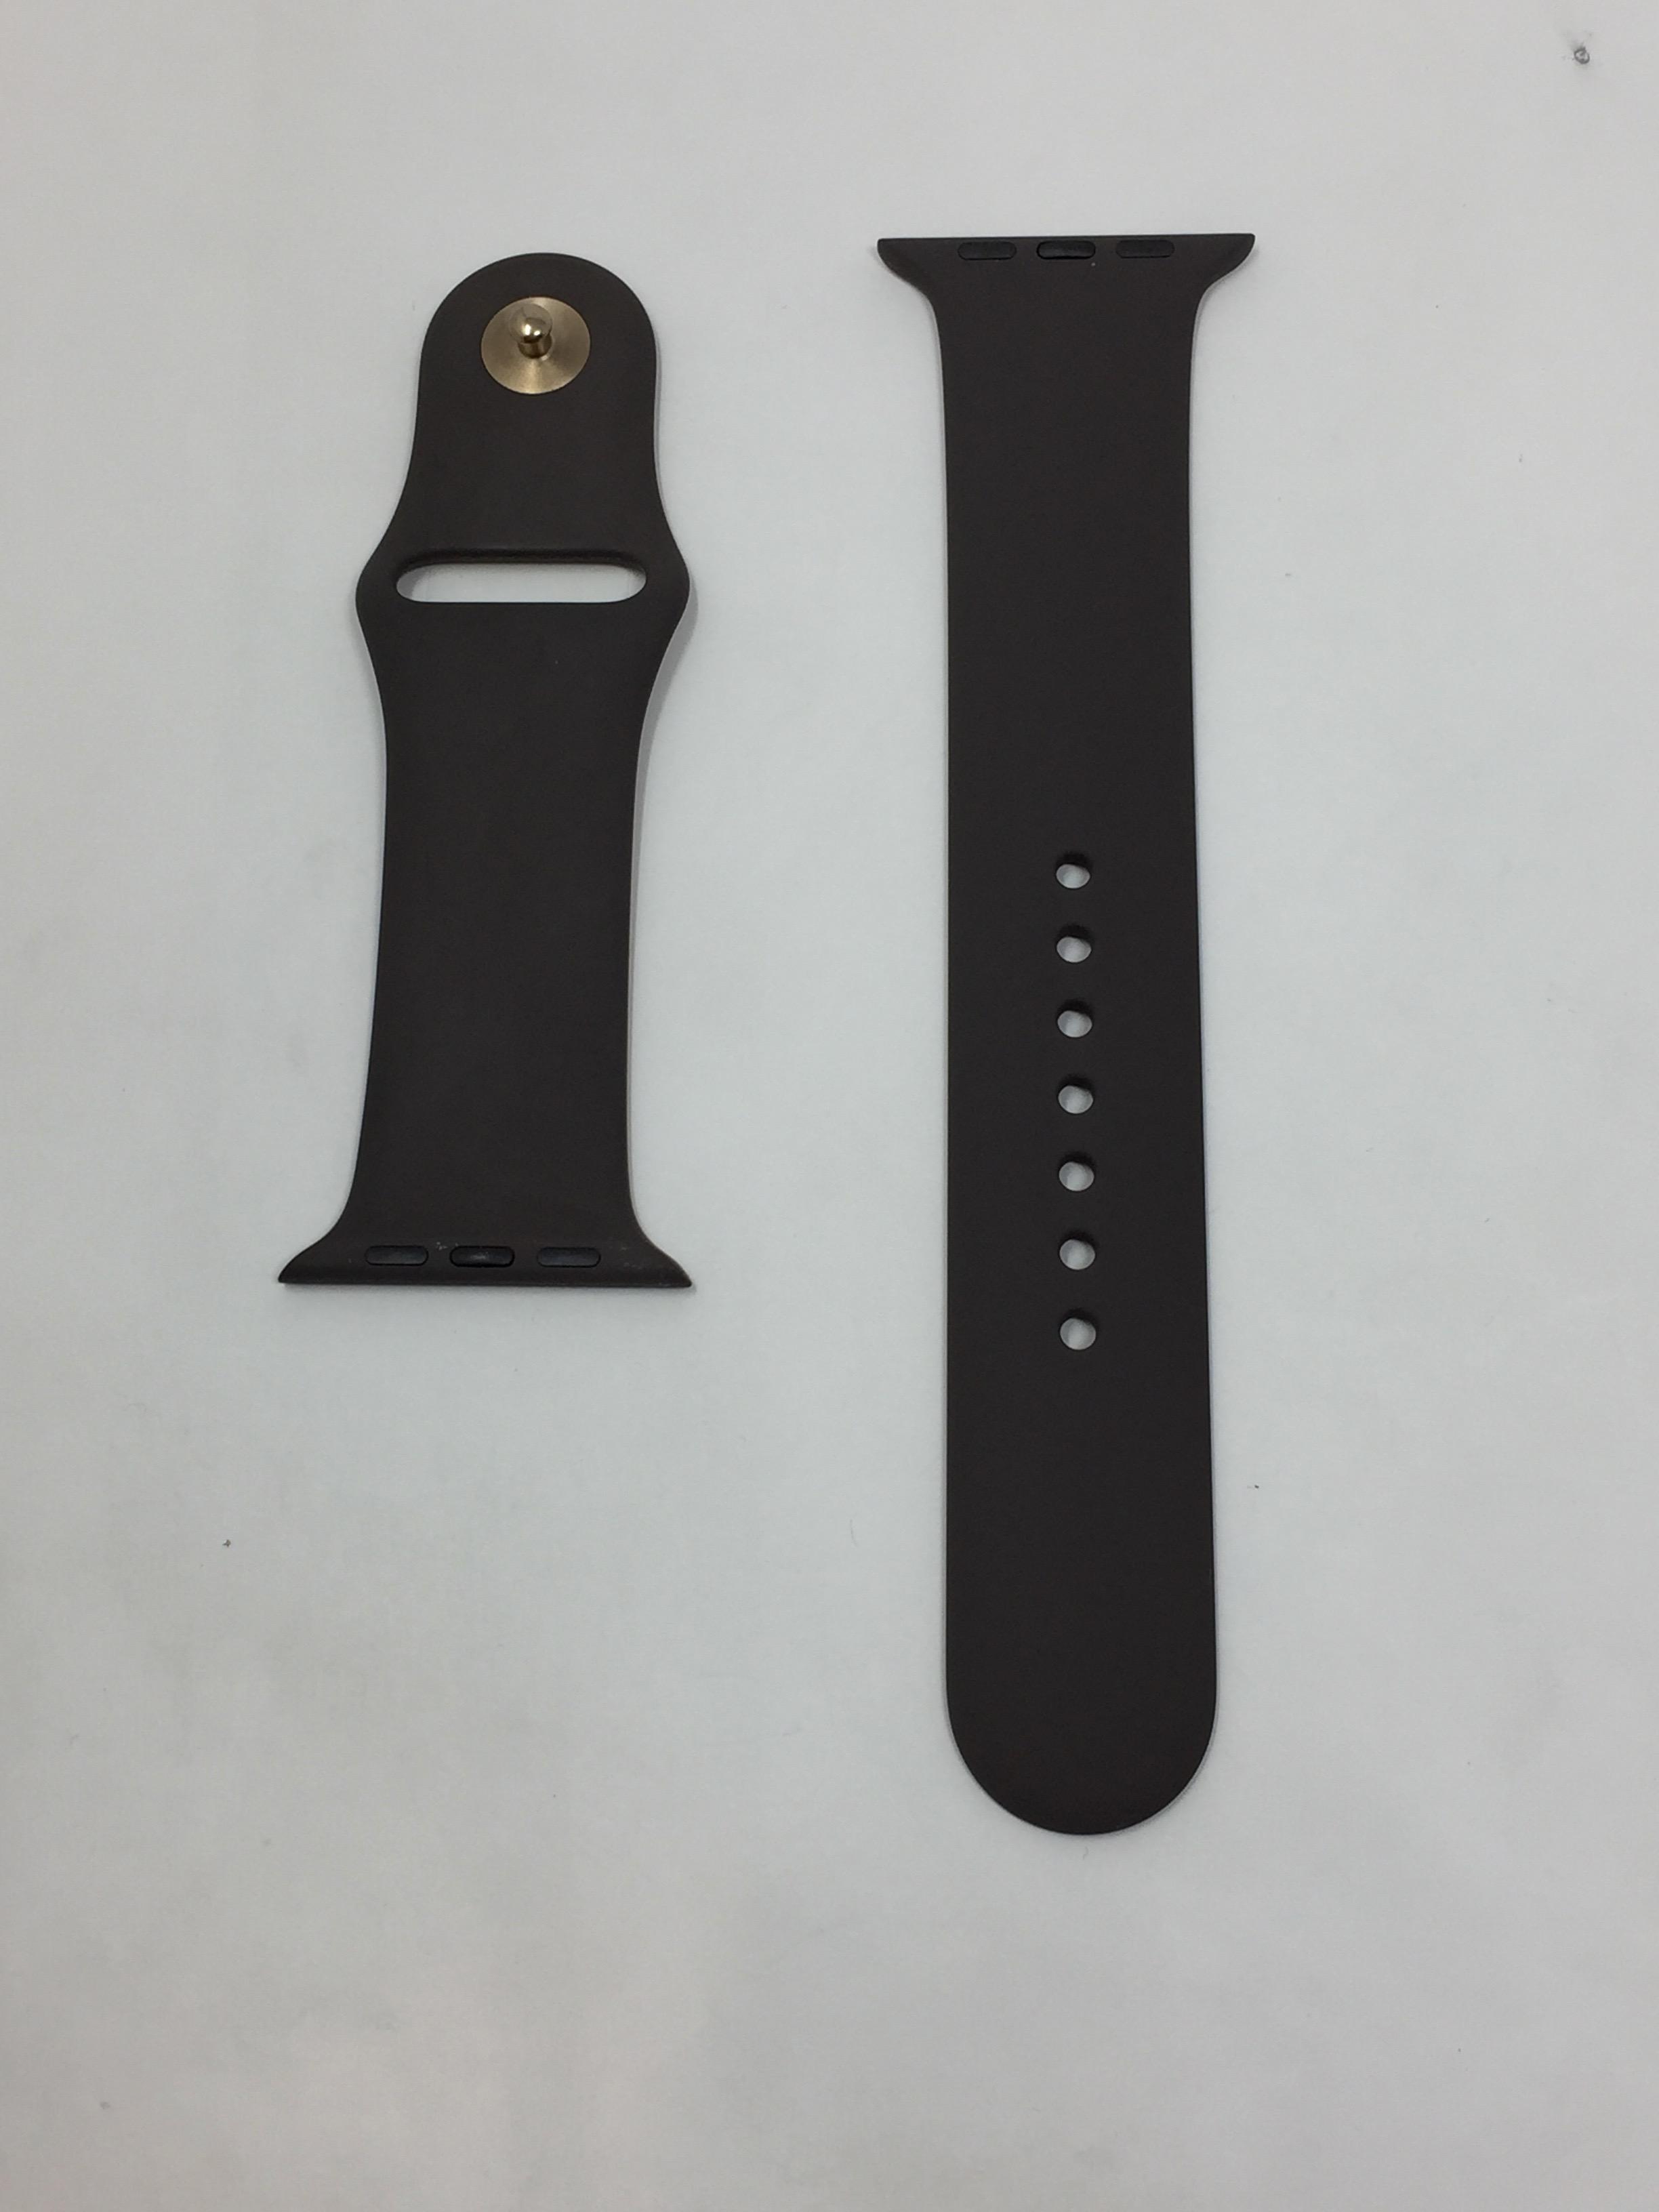 Watch Series 2 Aluminum (42mm), Brown , imagen 3